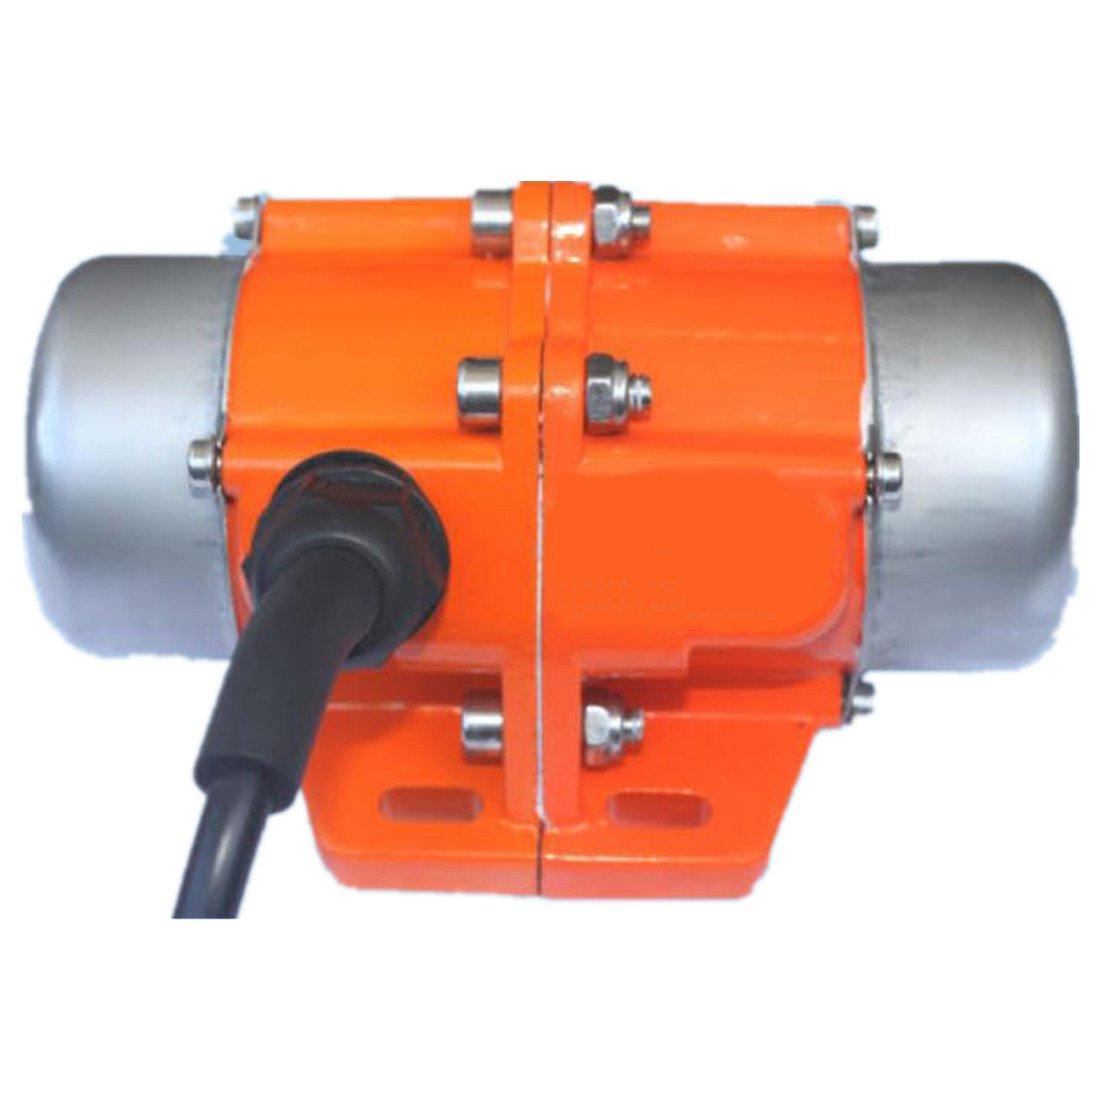 Concrete Vibrator Vibration Motor AC220V Aluminum Alloy Vibrating Vibrator Motor 3600rpm (40W)